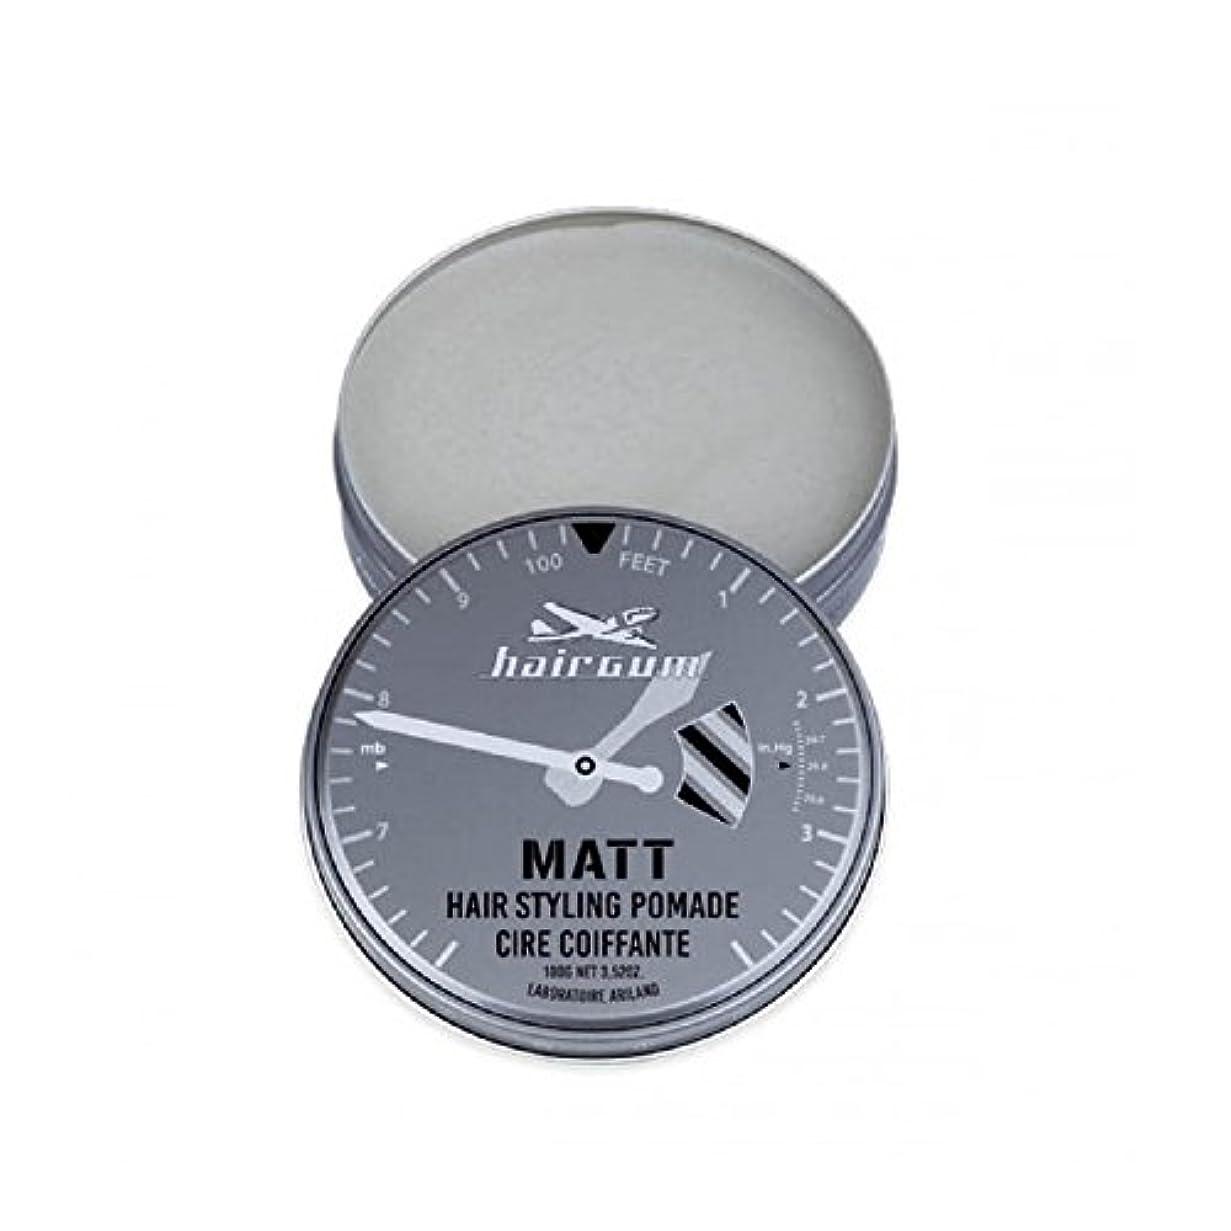 クスコ厚さ偽善hairgum(ヘアガム) Matt Pomade 100g ヘアガム マット 油性 ポマード グリース